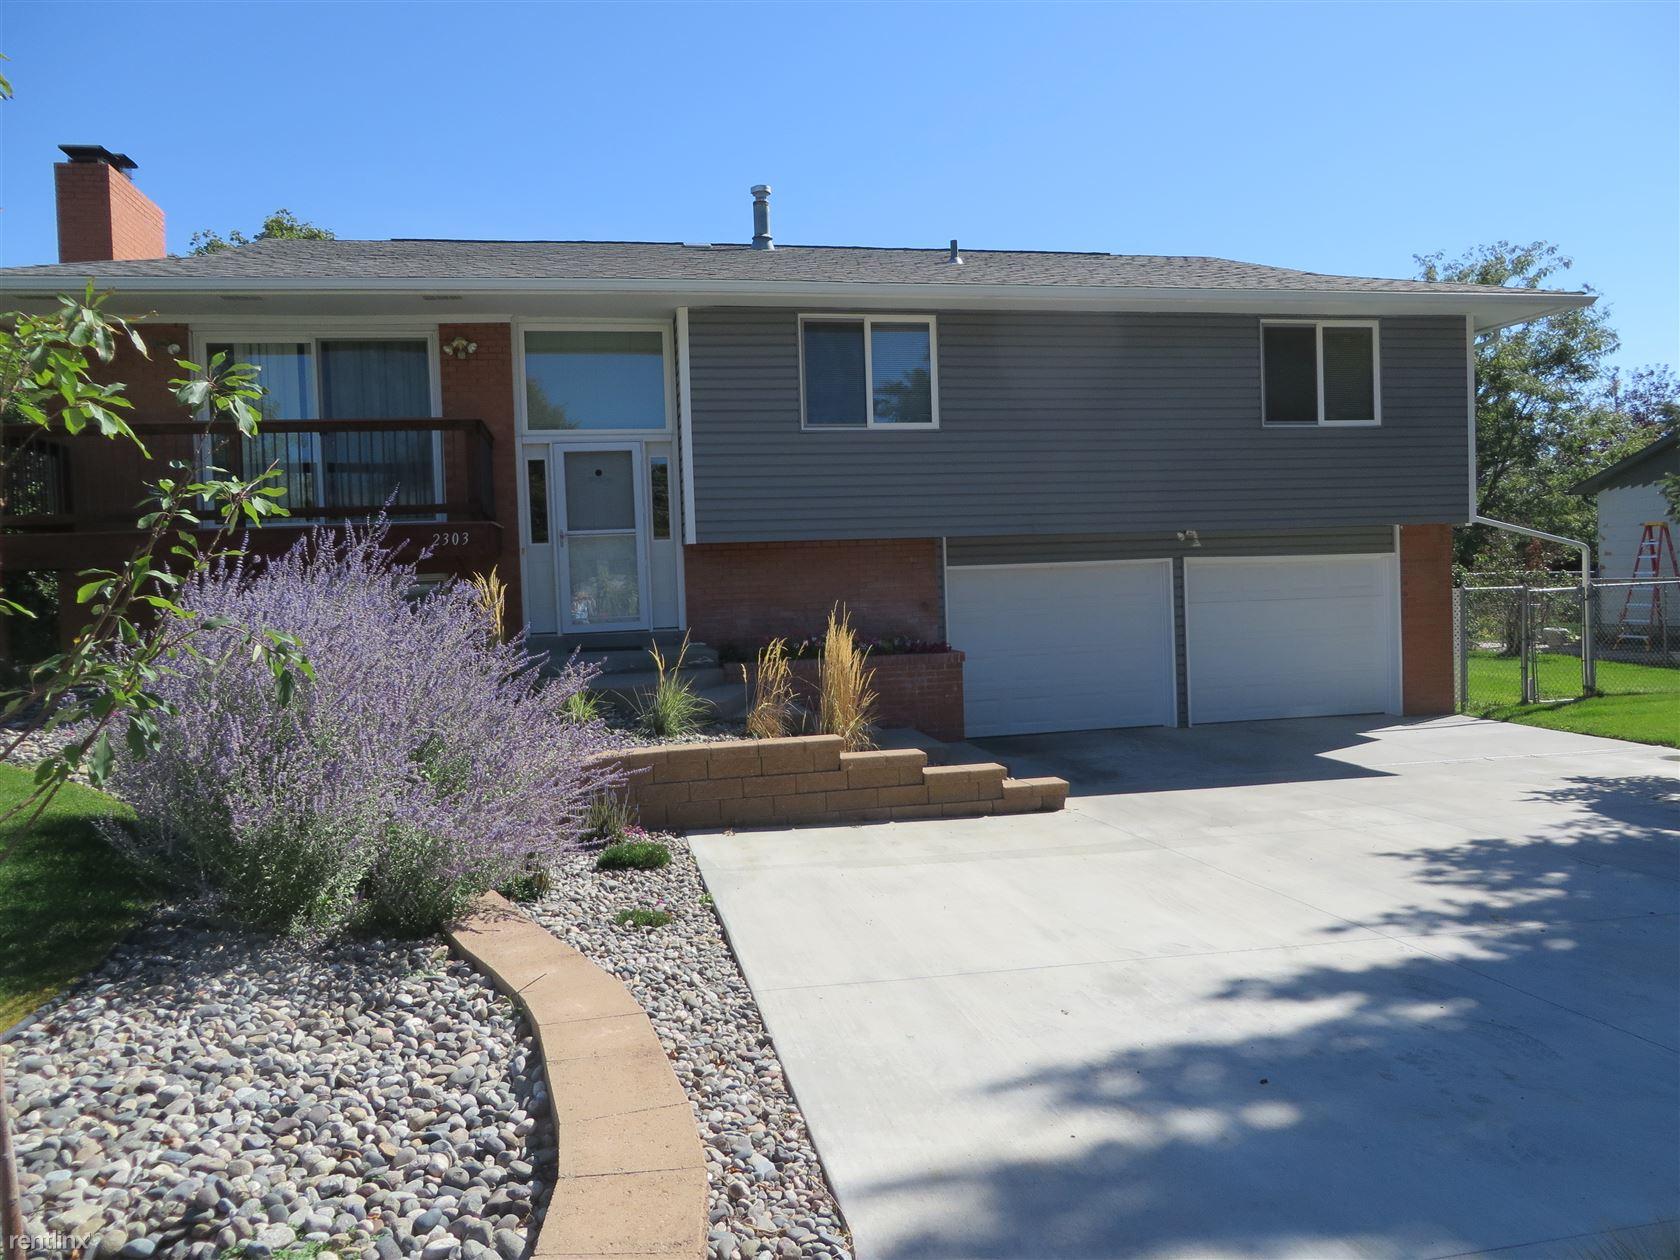 2303 41st Street West, Billings, MT - $1,900